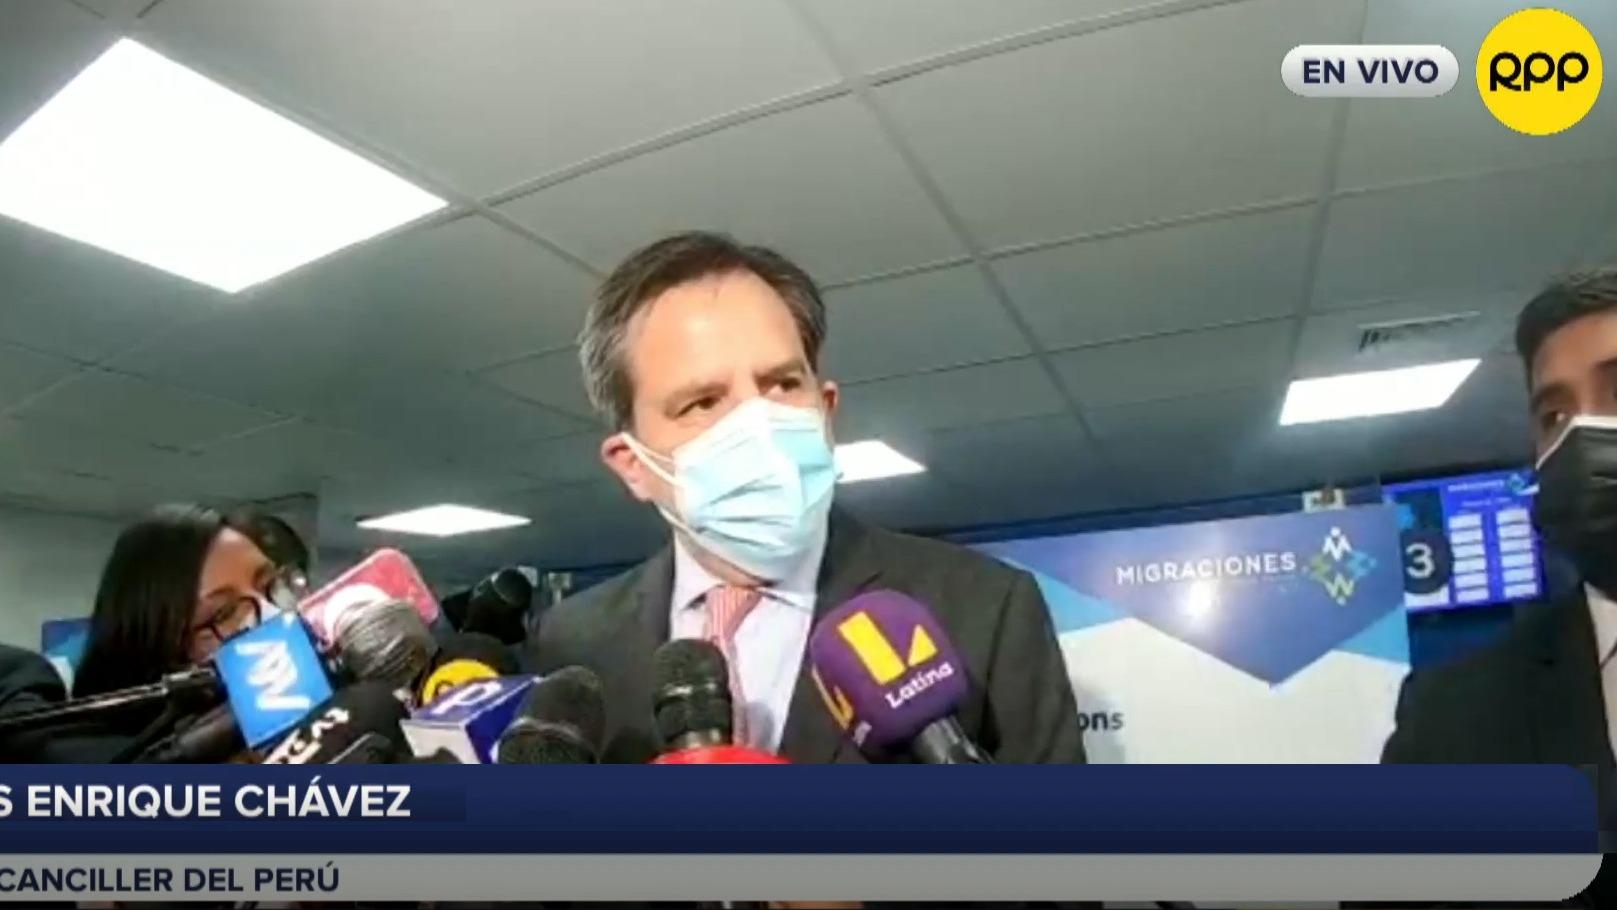 Vicecanciller afirma que Perú no reconoce autoridades legítimas en Venezuela